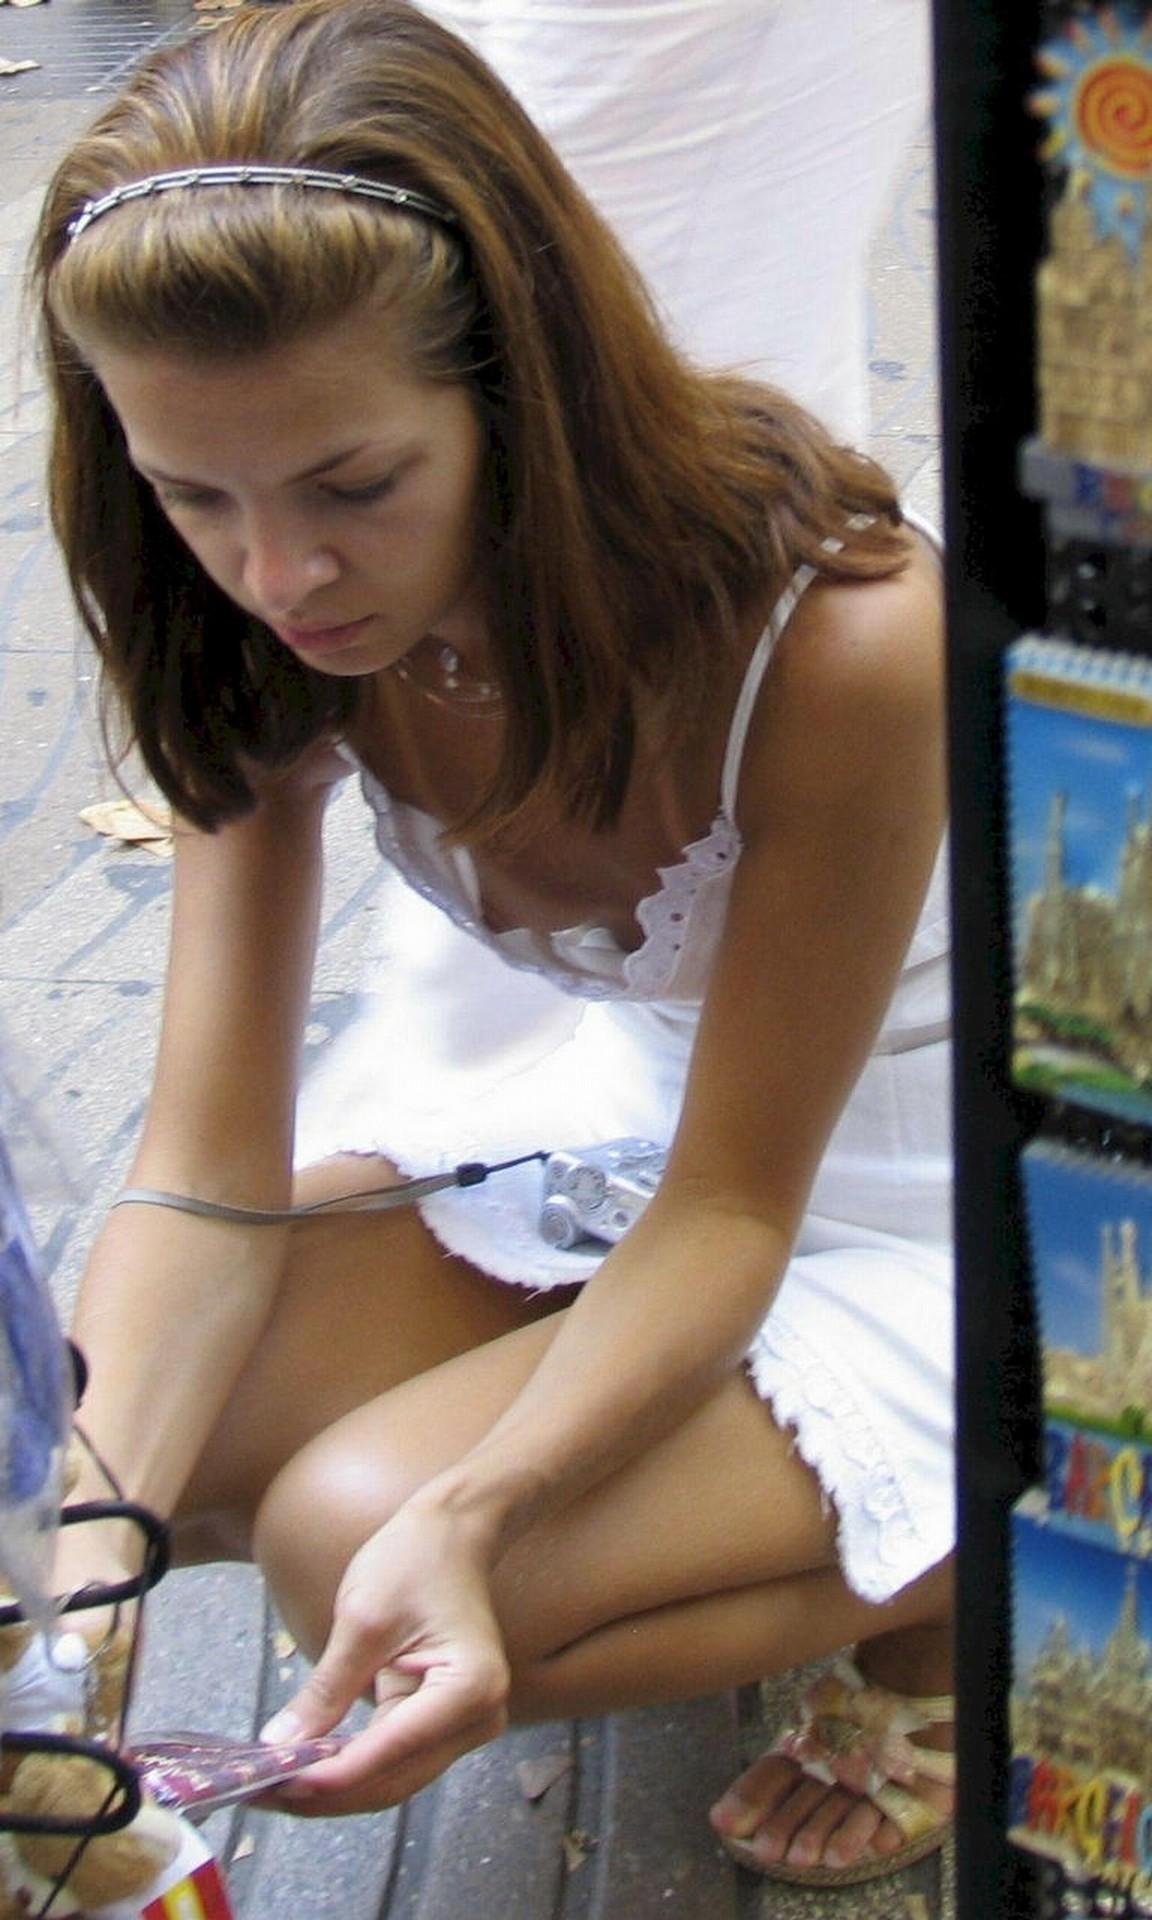 Russian Woman Browse Thru 98